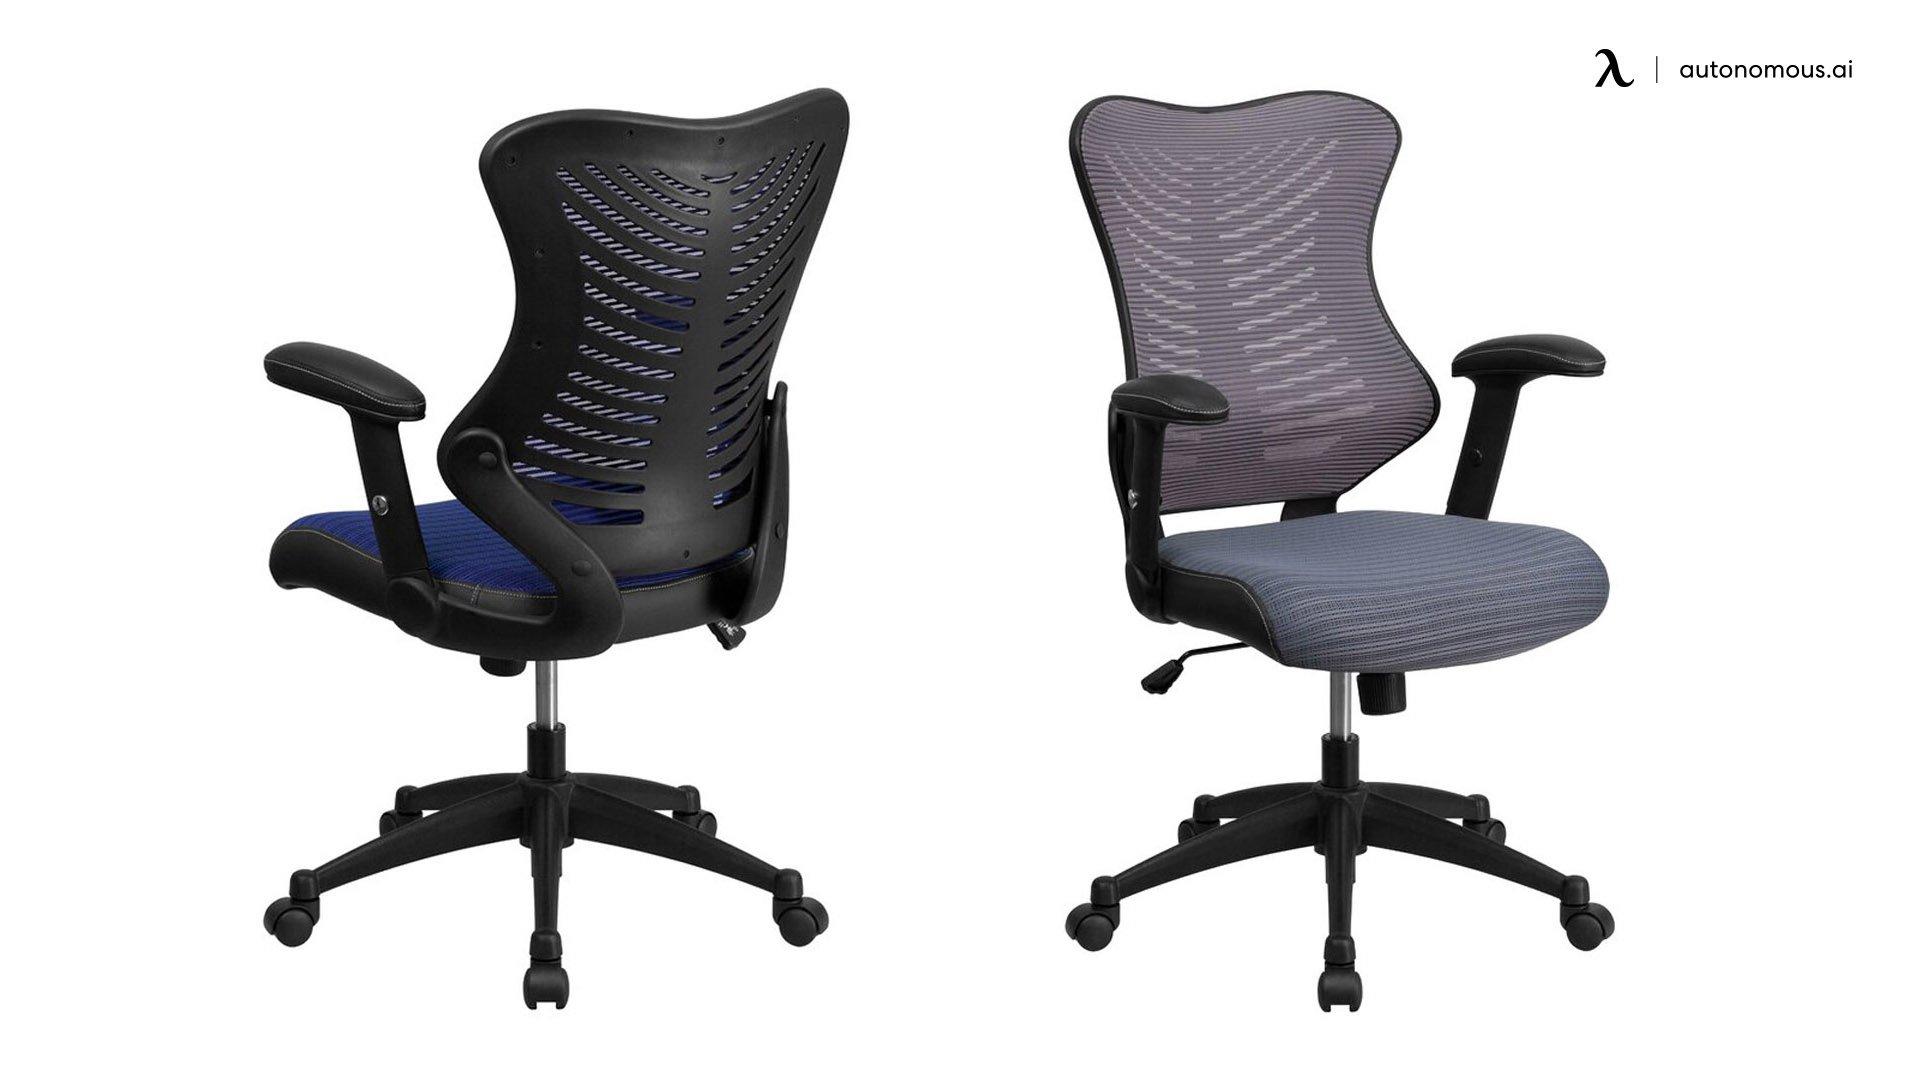 Zipcode ergonomic chair